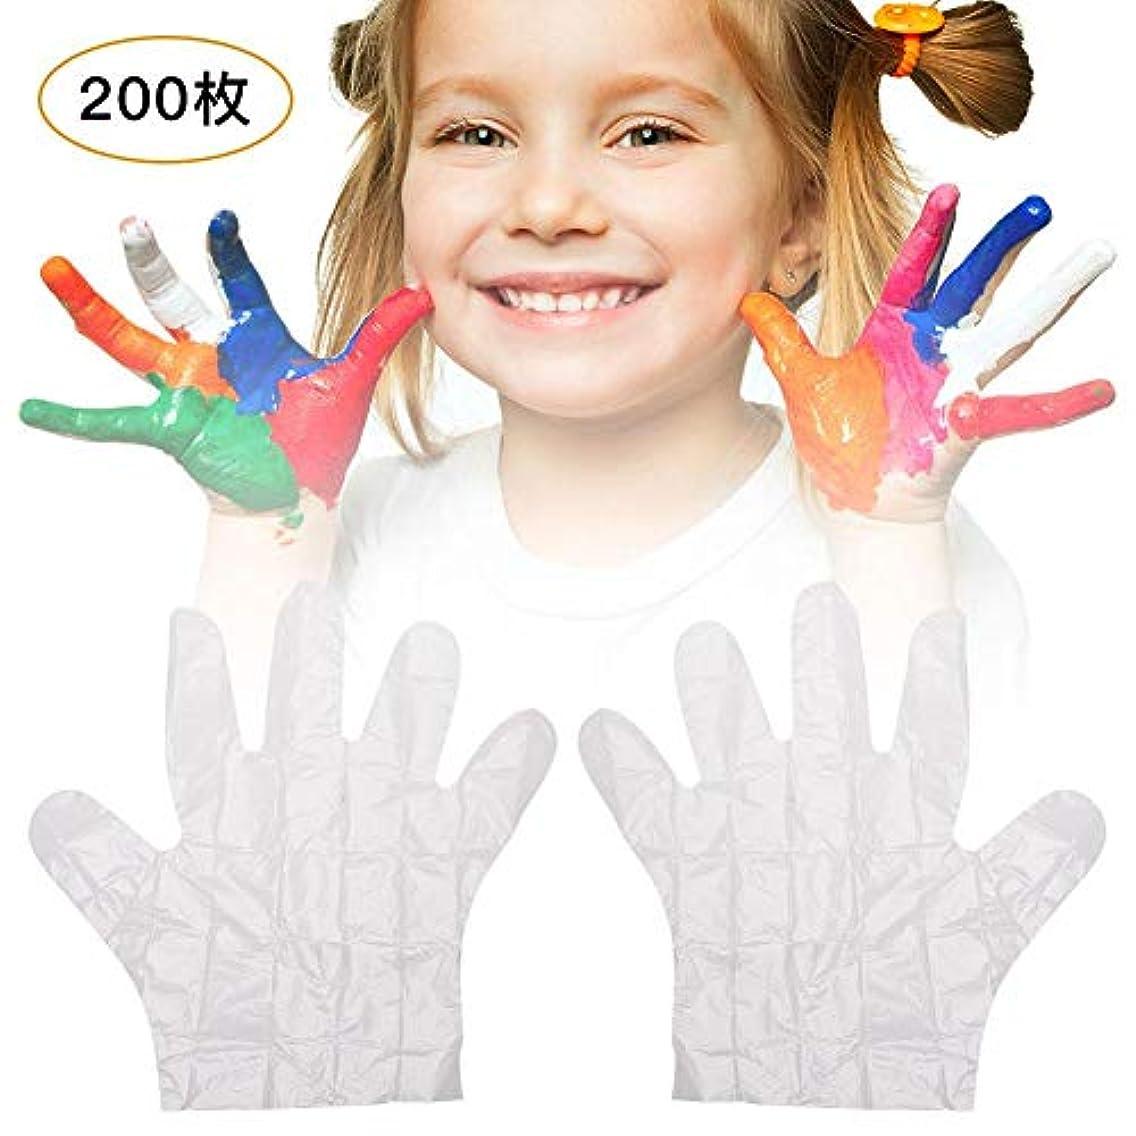 感謝墓地マークダウン使い捨て手袋 子供用 極薄ビニール手袋 LUERME ポリエチレン 透明 実用 衛生 100枚/200m枚セット 左右兼用